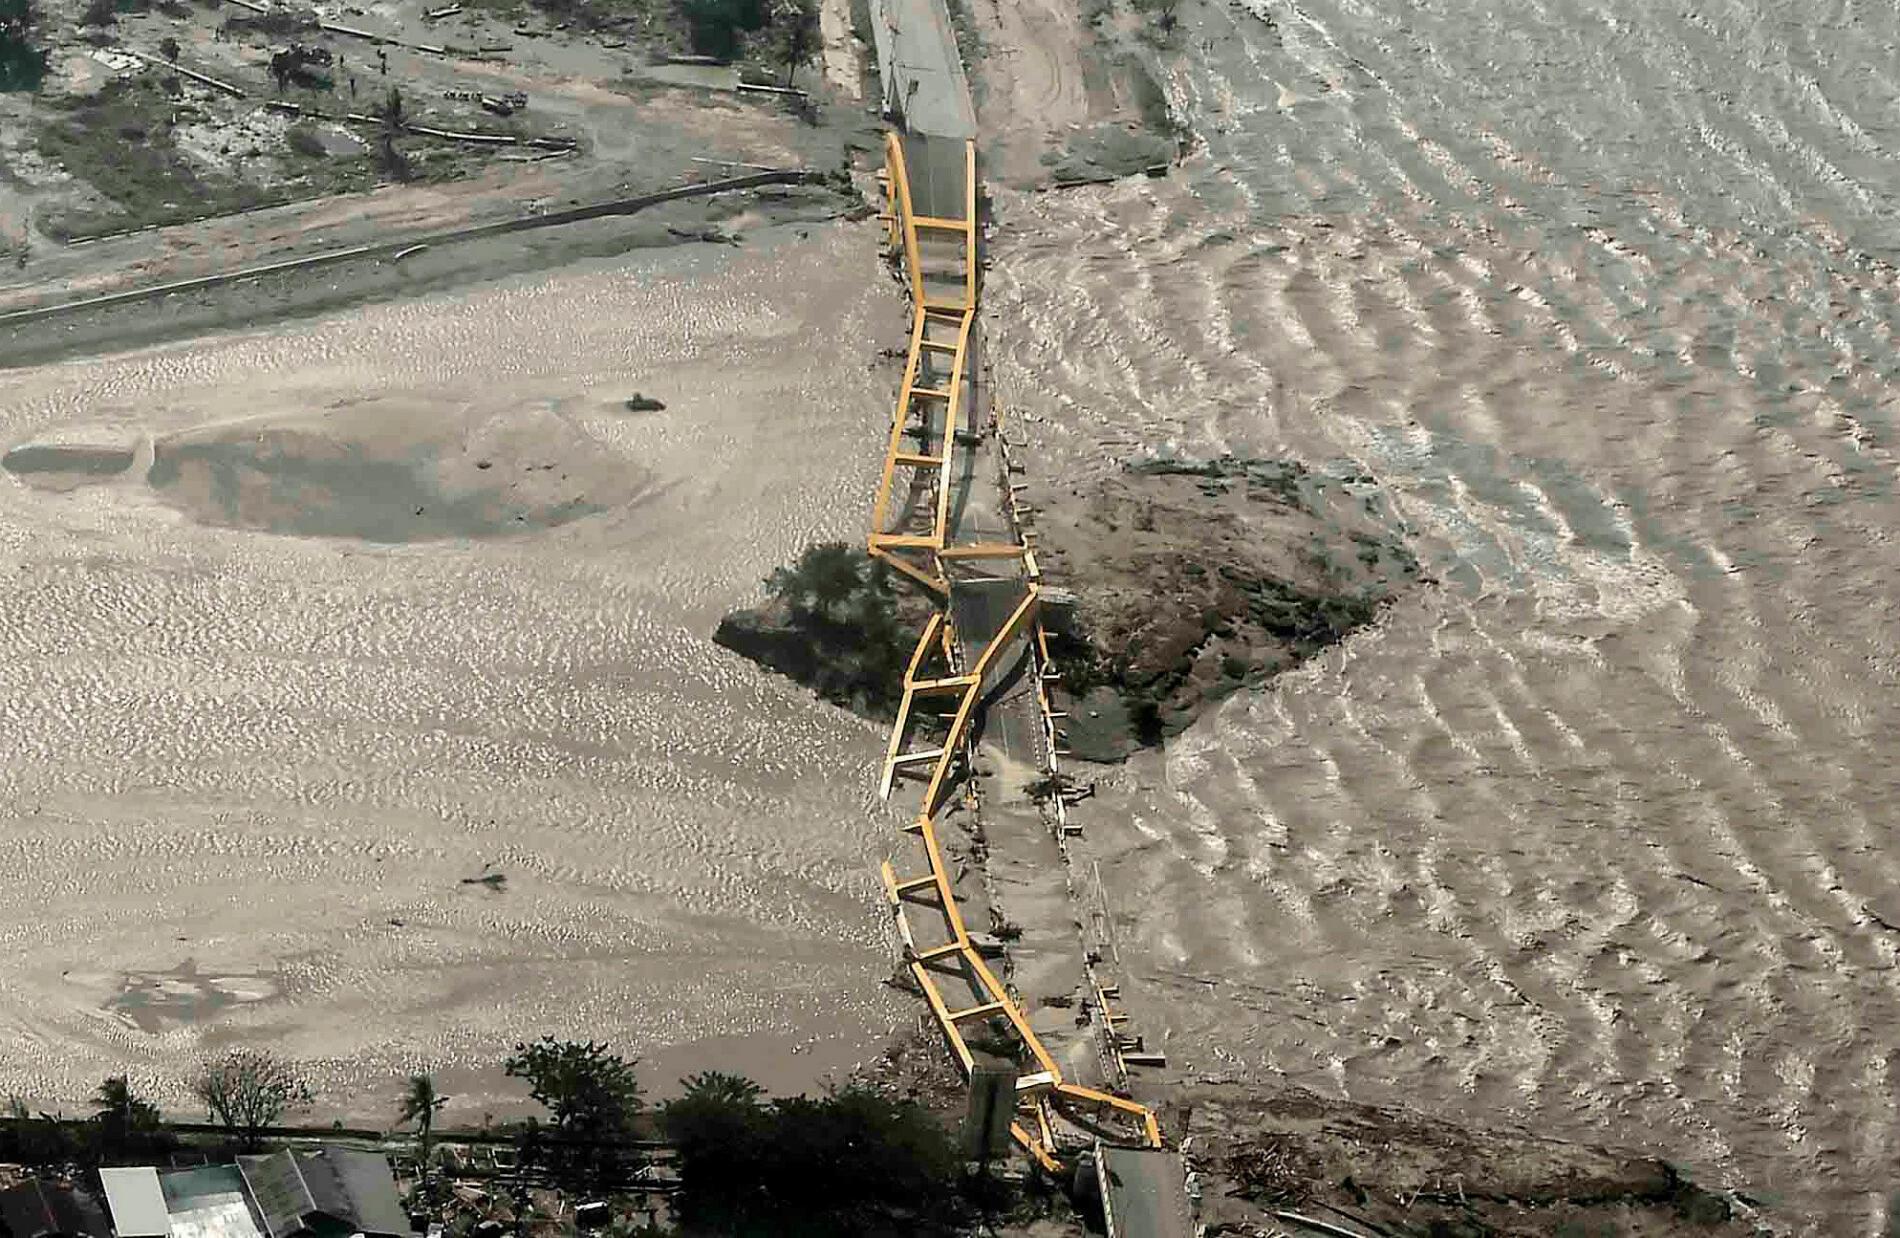 La catastrophe naturelle a sérieusement endommagé d'importantes infrastructures comme les ports, les quais ou les ponts de l'île.